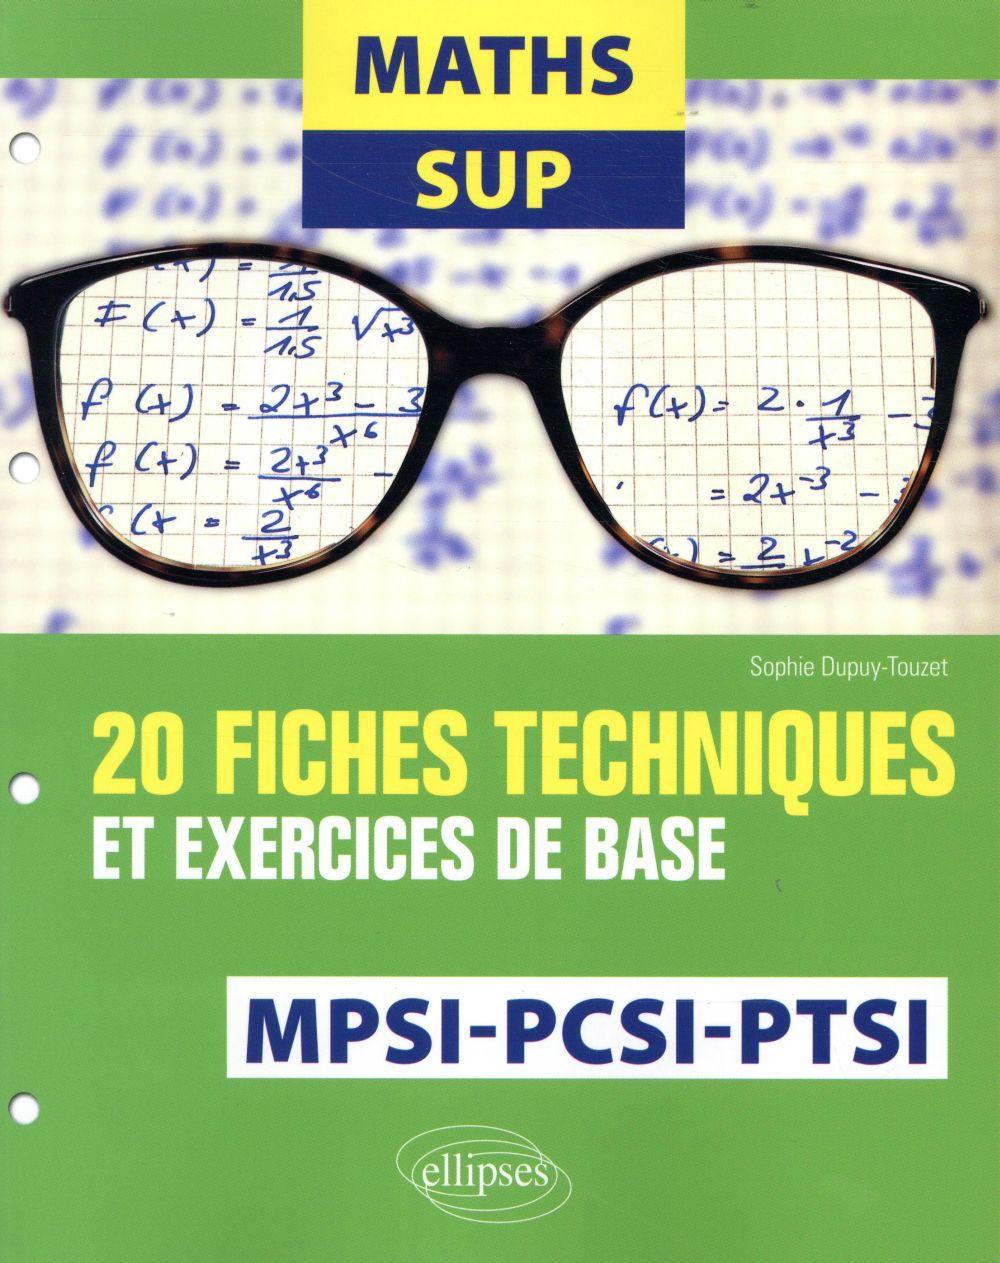 MATHS SUP - 20 FICHES TECHNIQUES ET EXERCICES DE BASE - MPSI